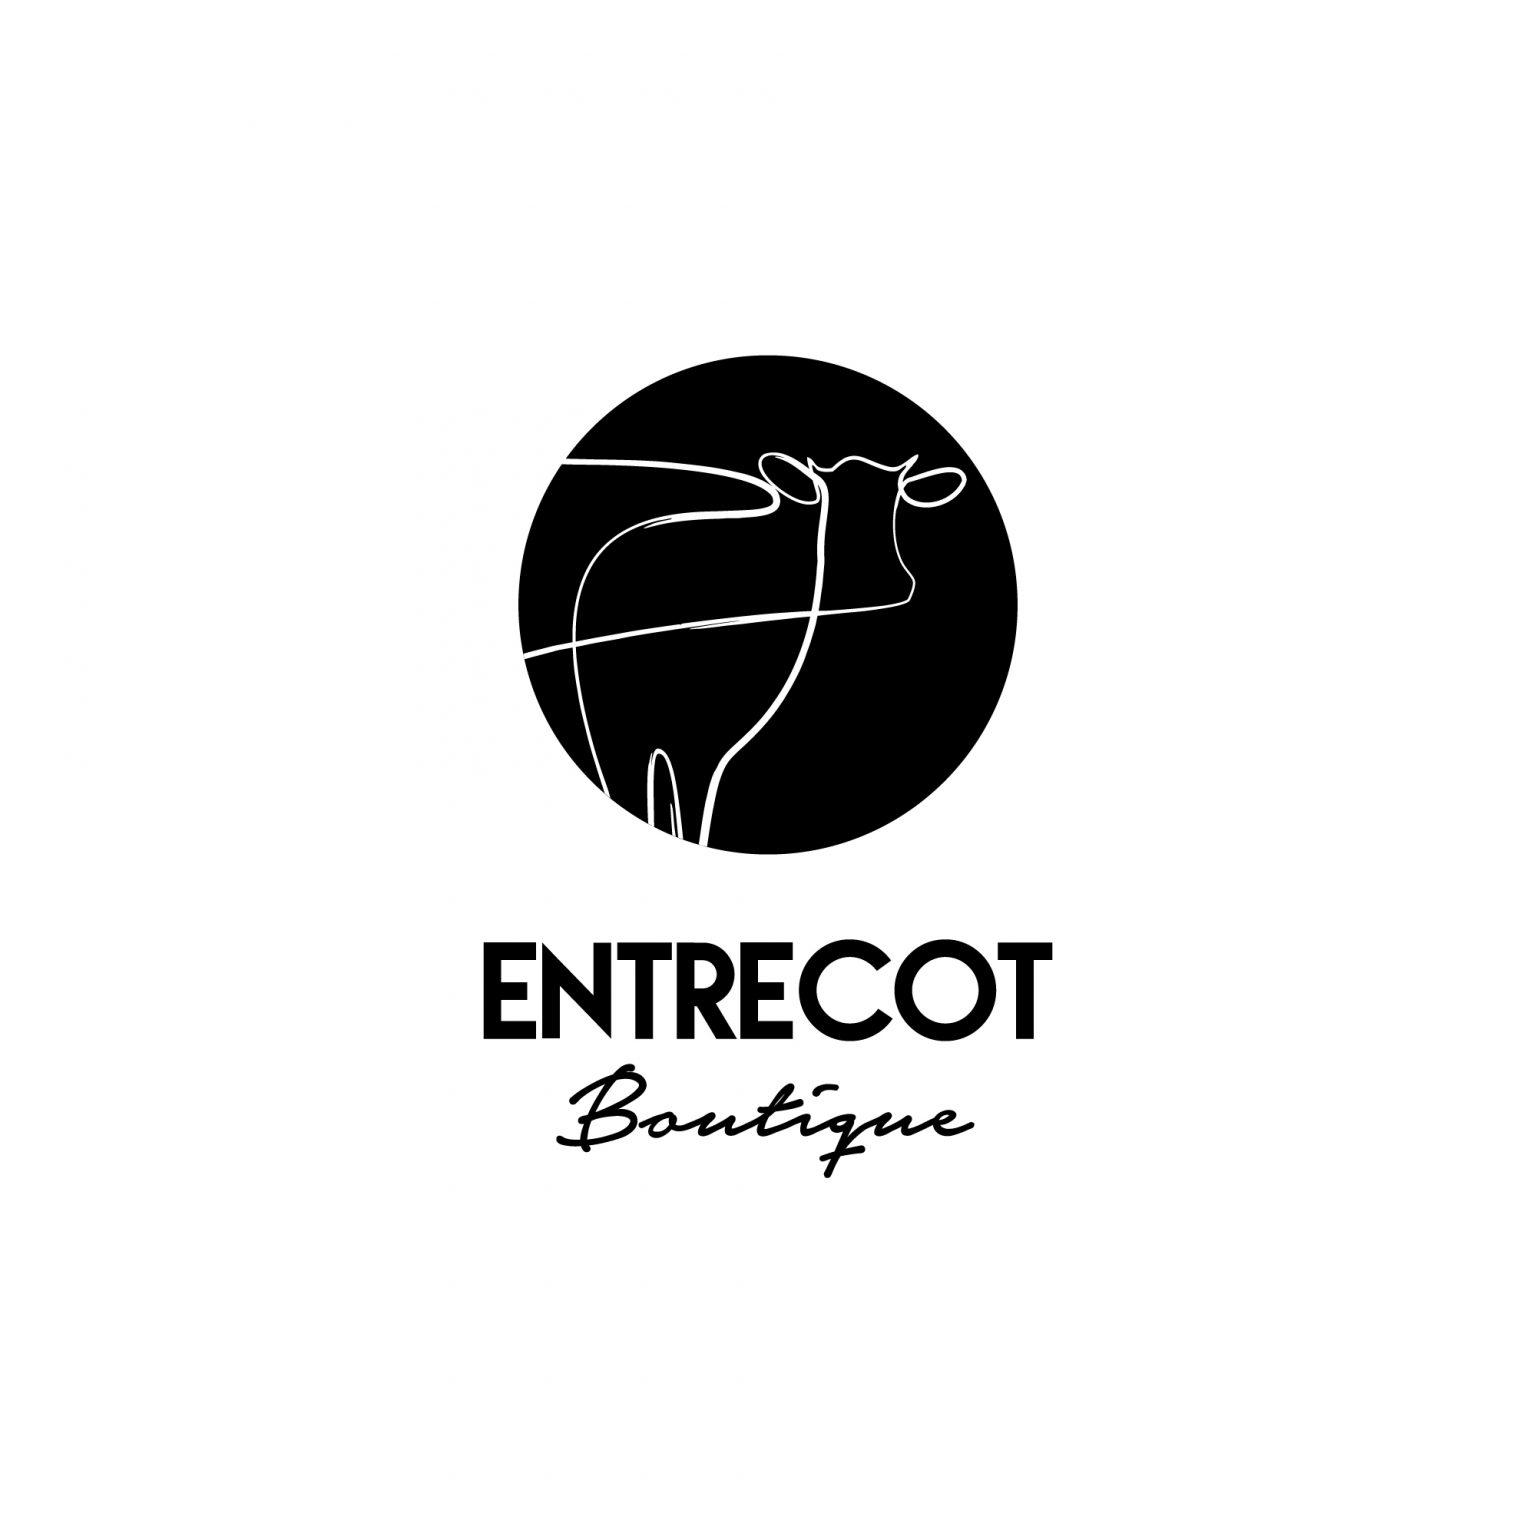 Entrecot Boutique